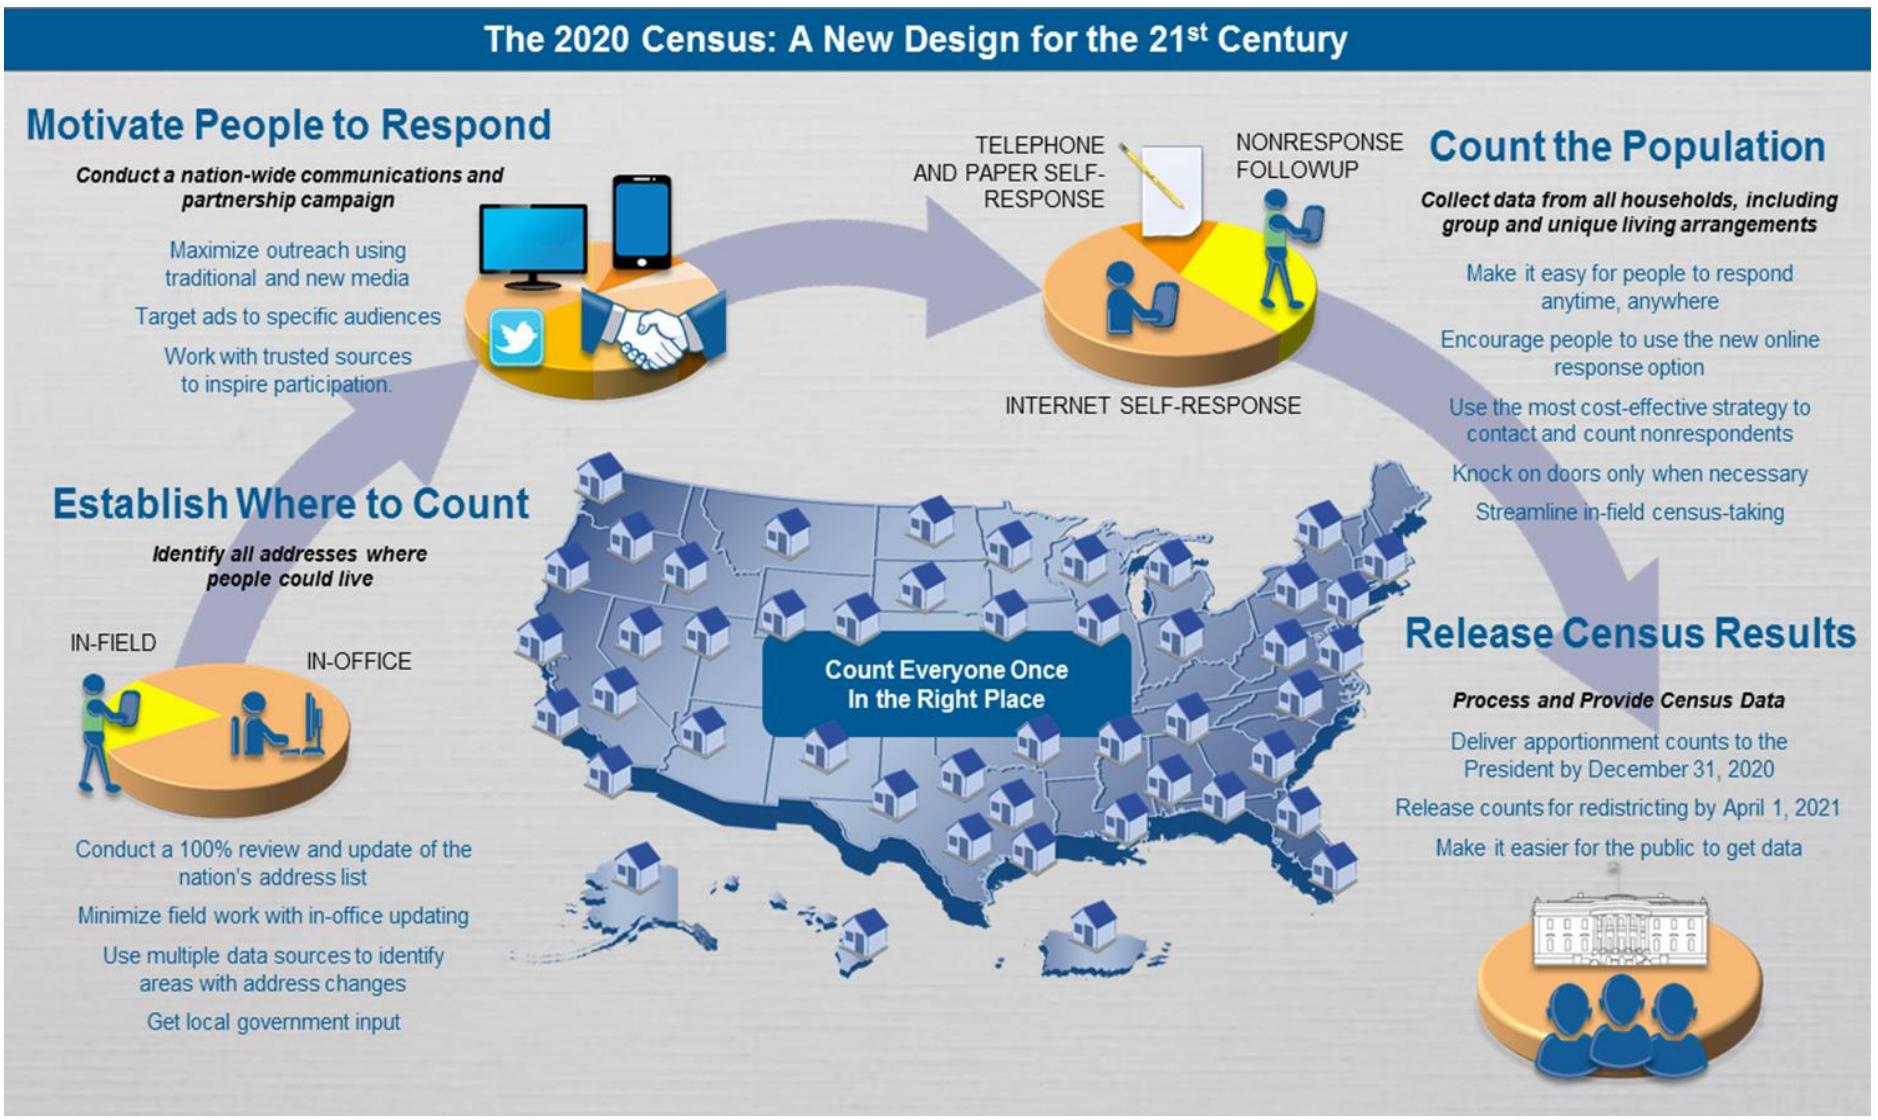 2020 Census Design